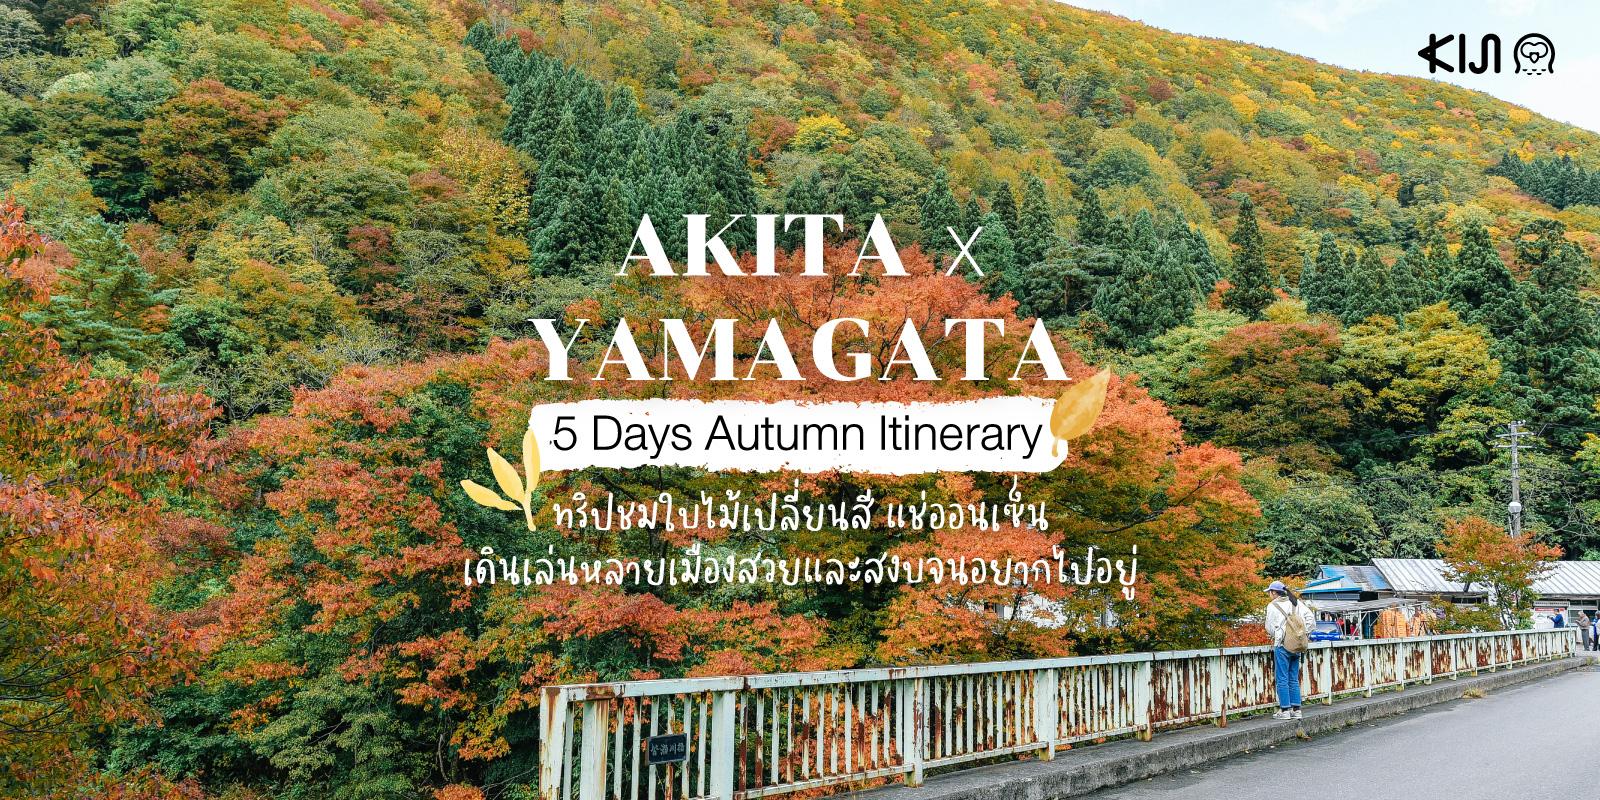 แพลนเที่ยว 'อาคิตะ' (Akita) 'ยามากาตะ' (Yamagata) 5 วัน ฤดูใบไม้ร่วง